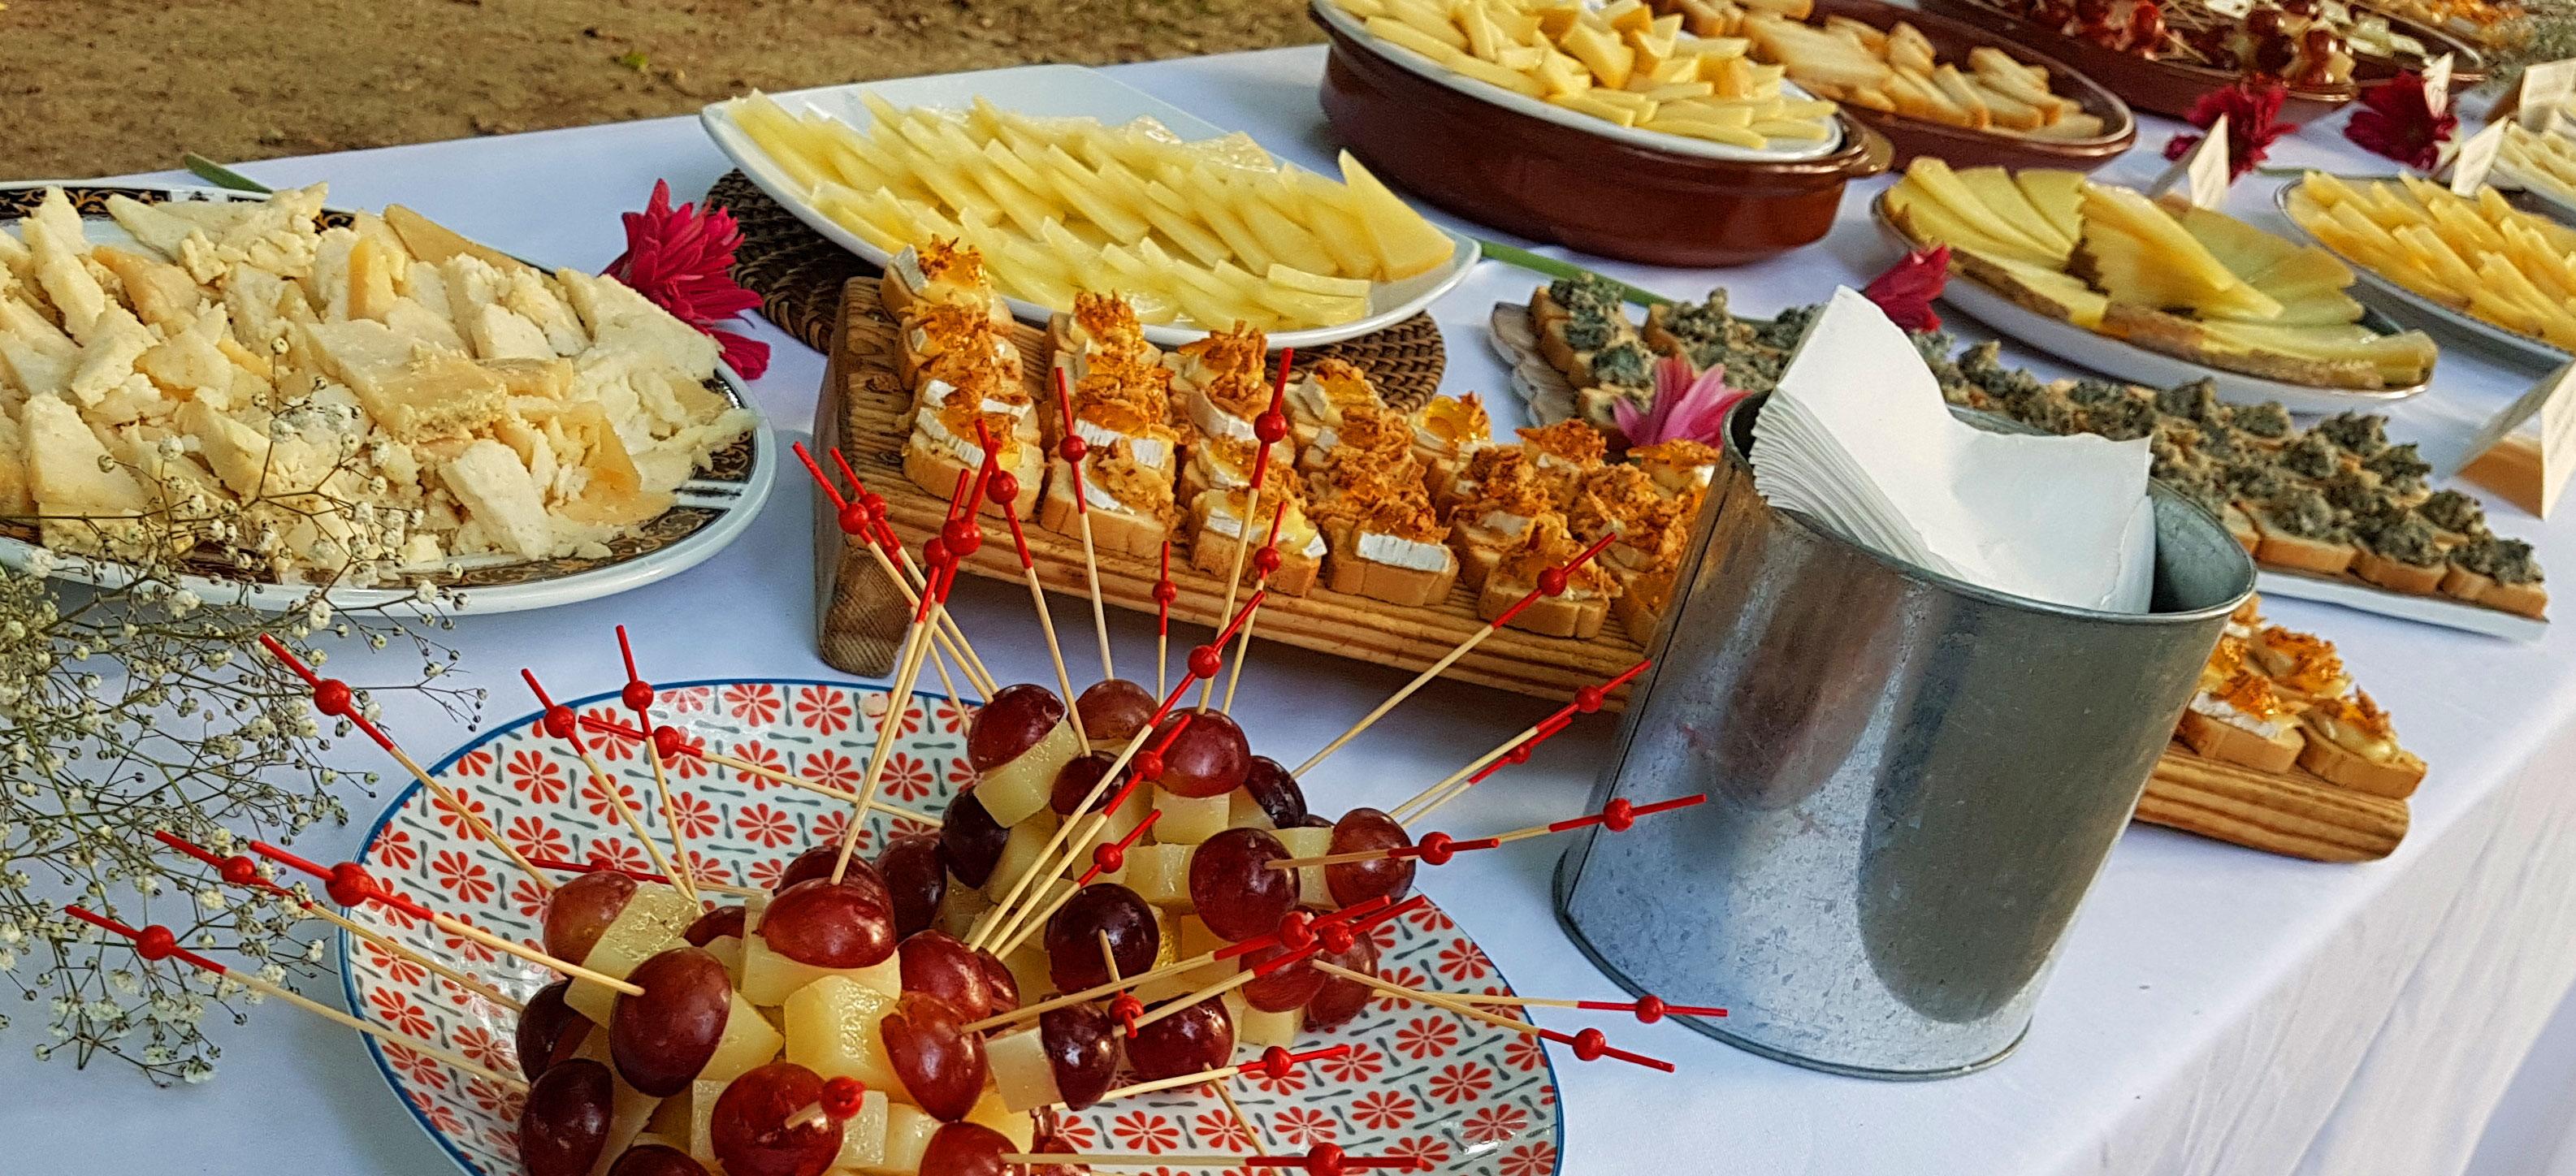 buffet-de-quesos